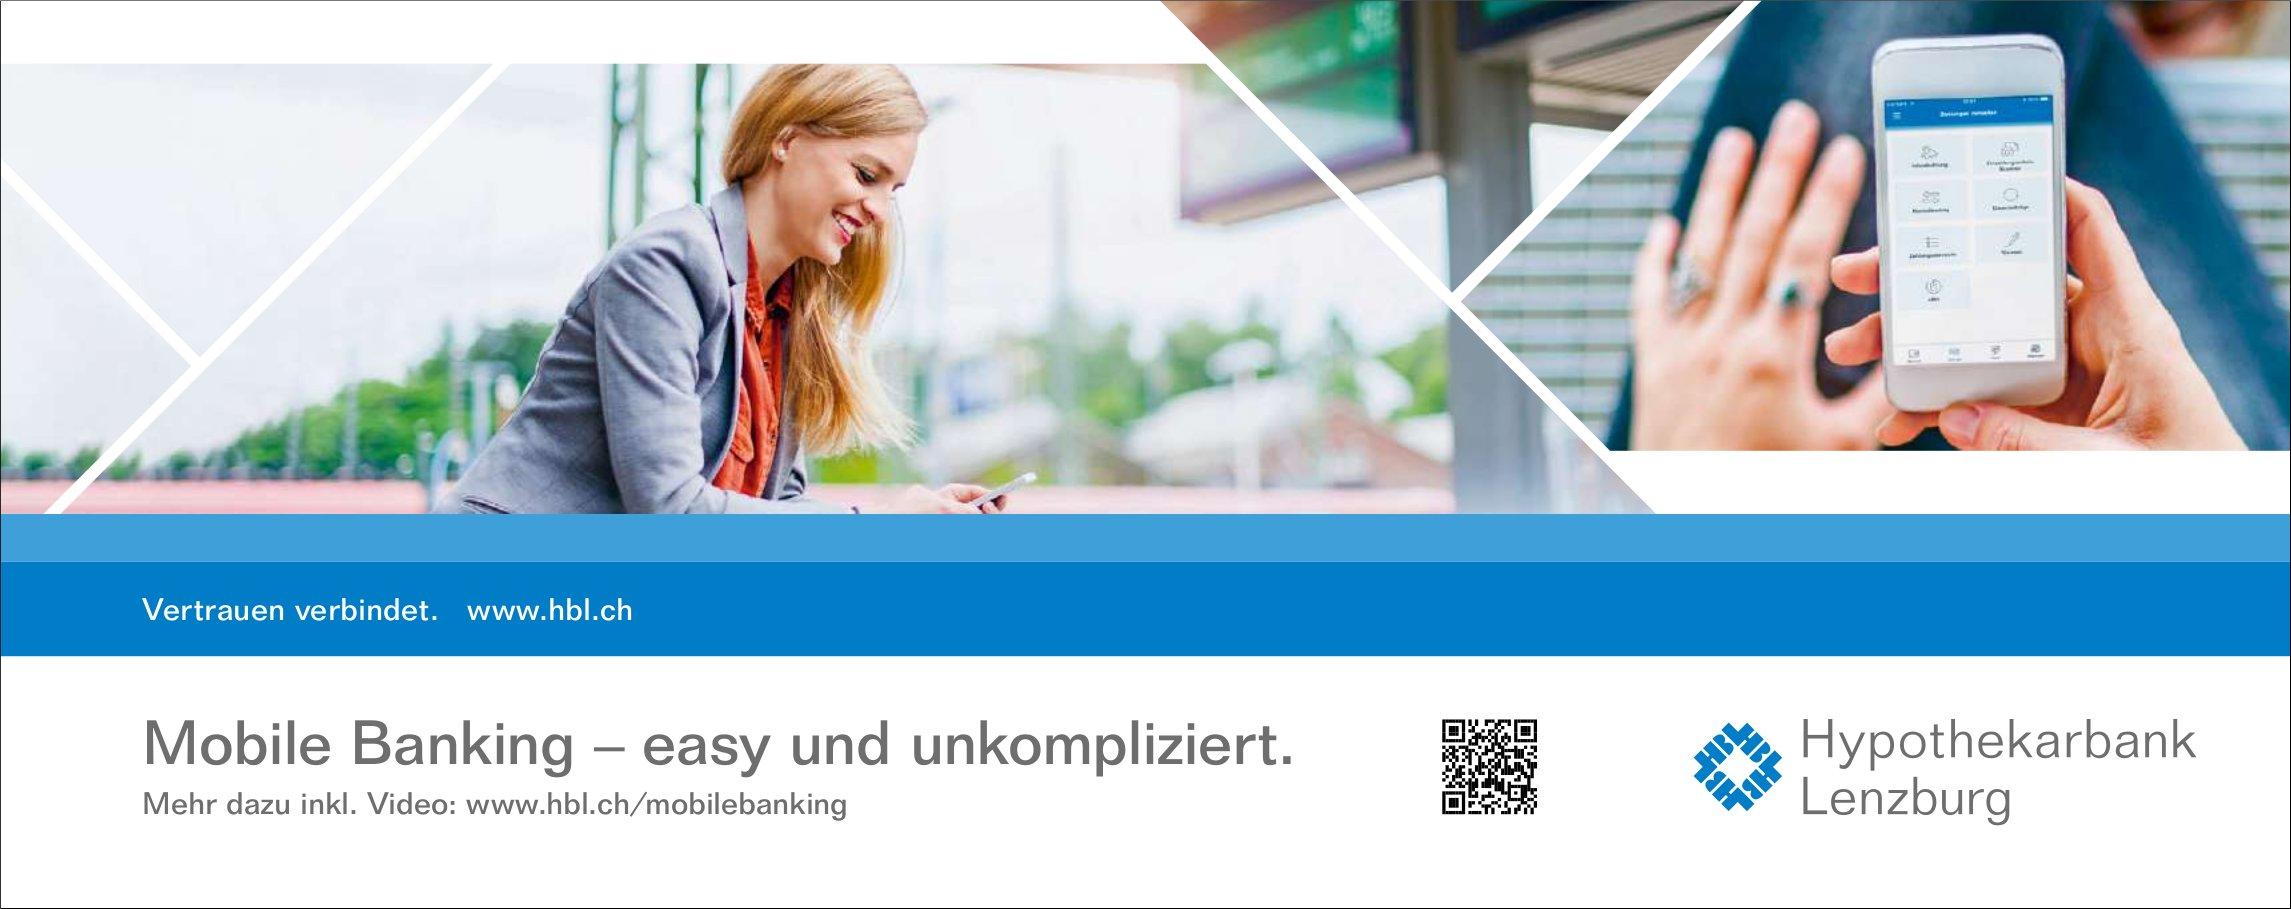 Hypothekarbank Lenzburg - Mobile Banking: easy und unkompliziert.